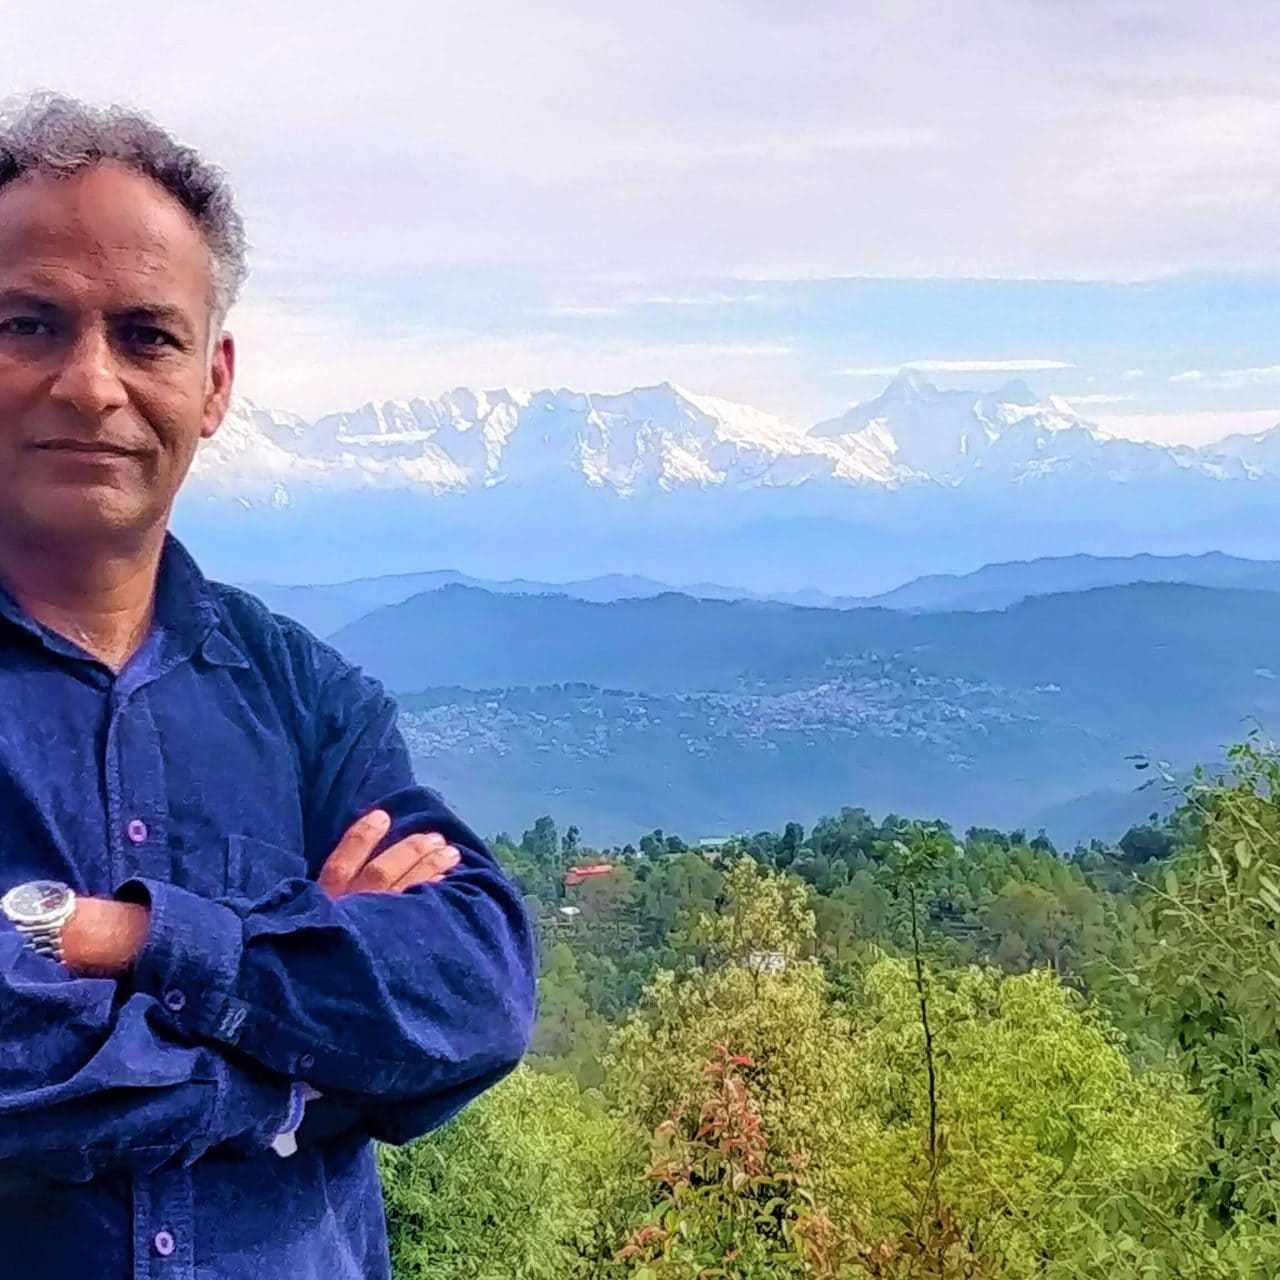 Chetan Mahajan